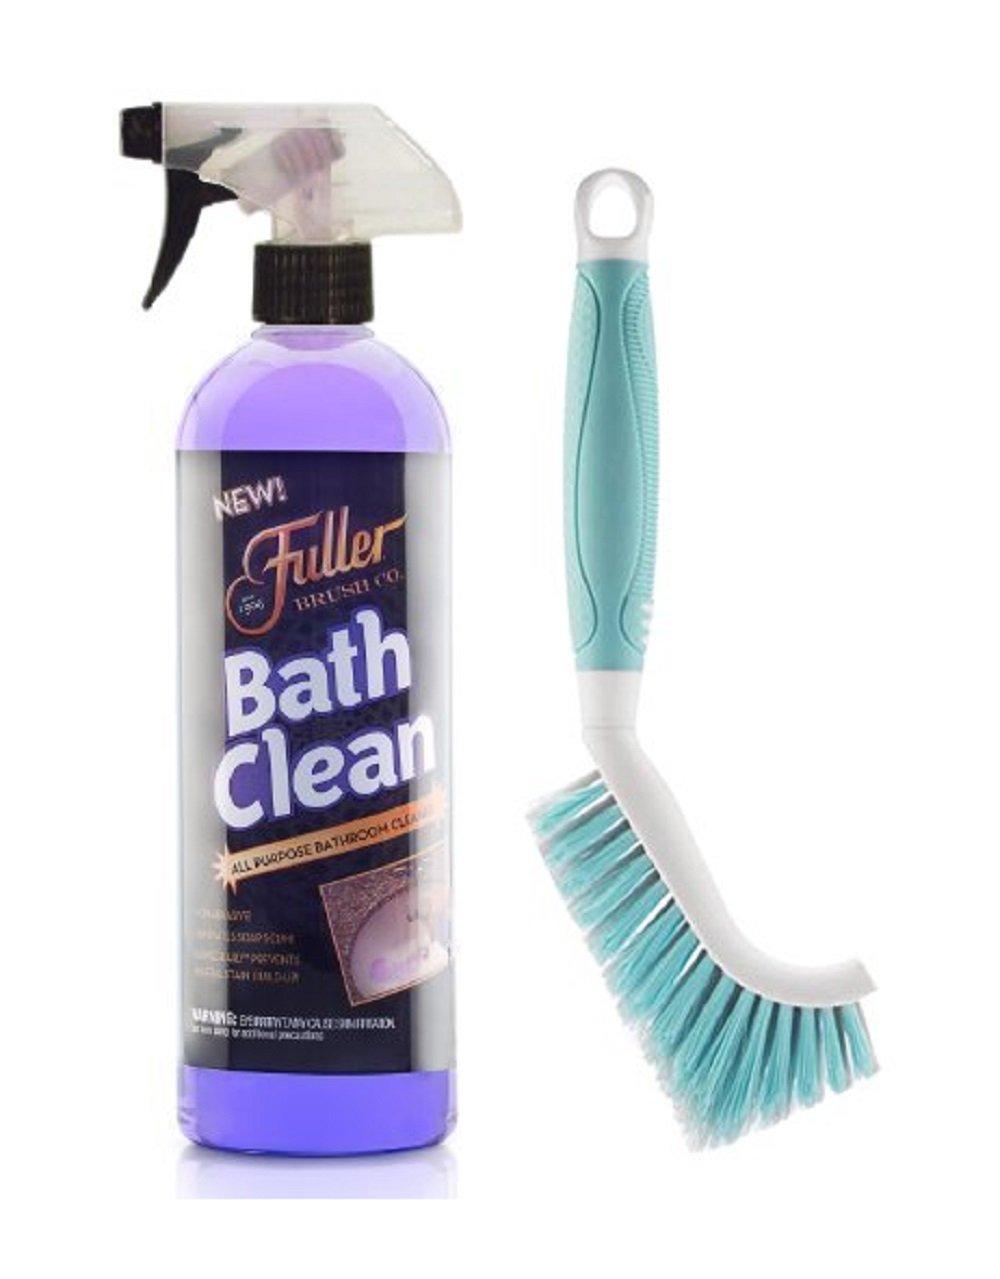 Fuller Brush BathClean 24 Fl Oz Bottle Bundle with Premium Tile & Grout Brush by Fuller Brush